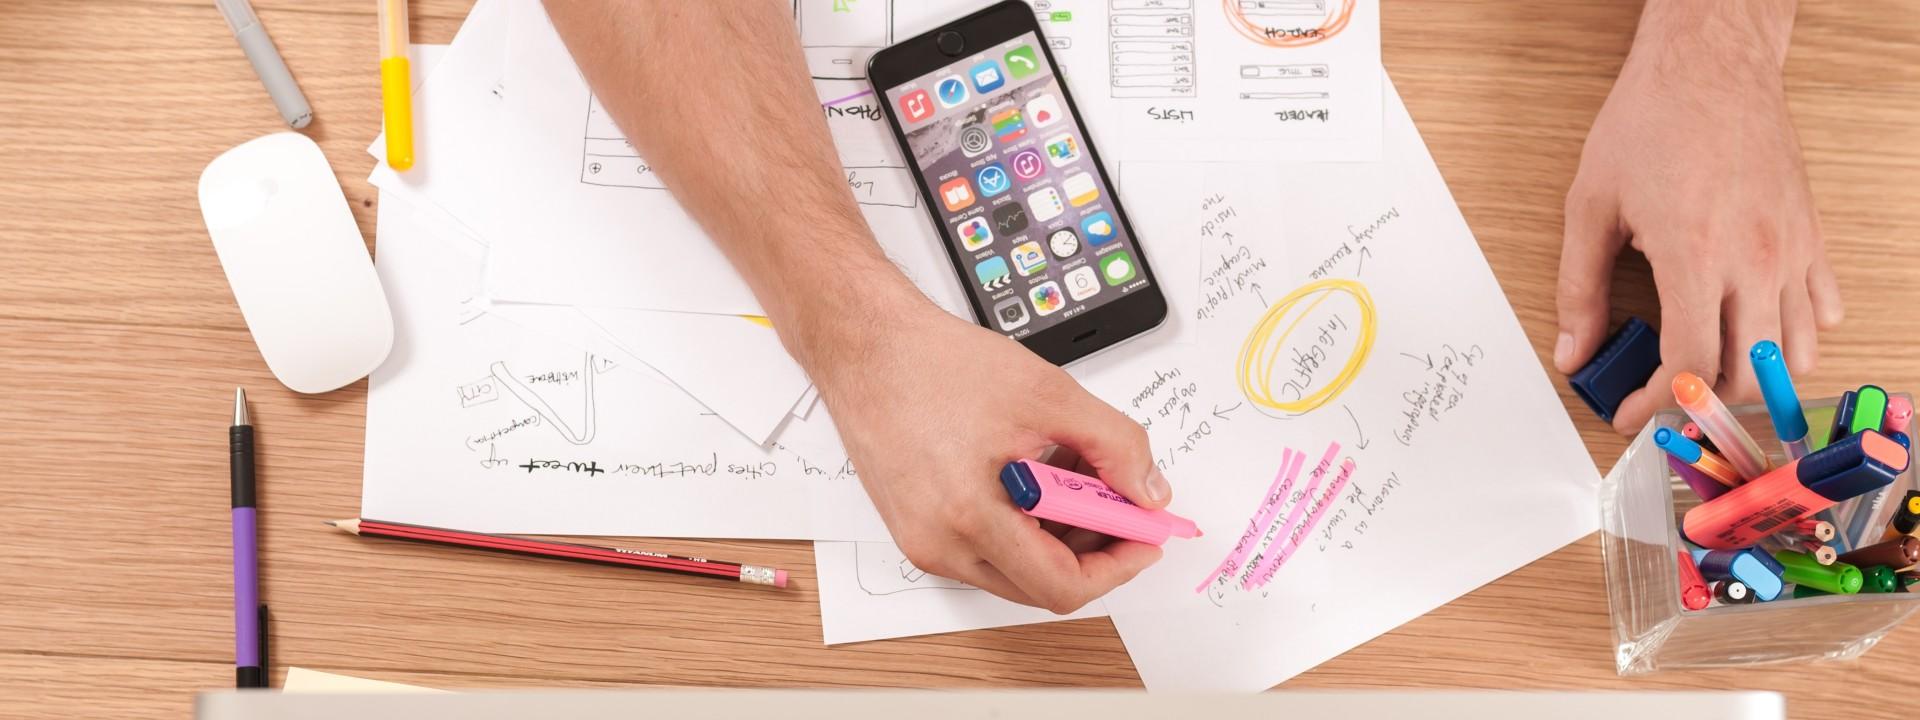 progetti di innovazione sociale e autoimpiego